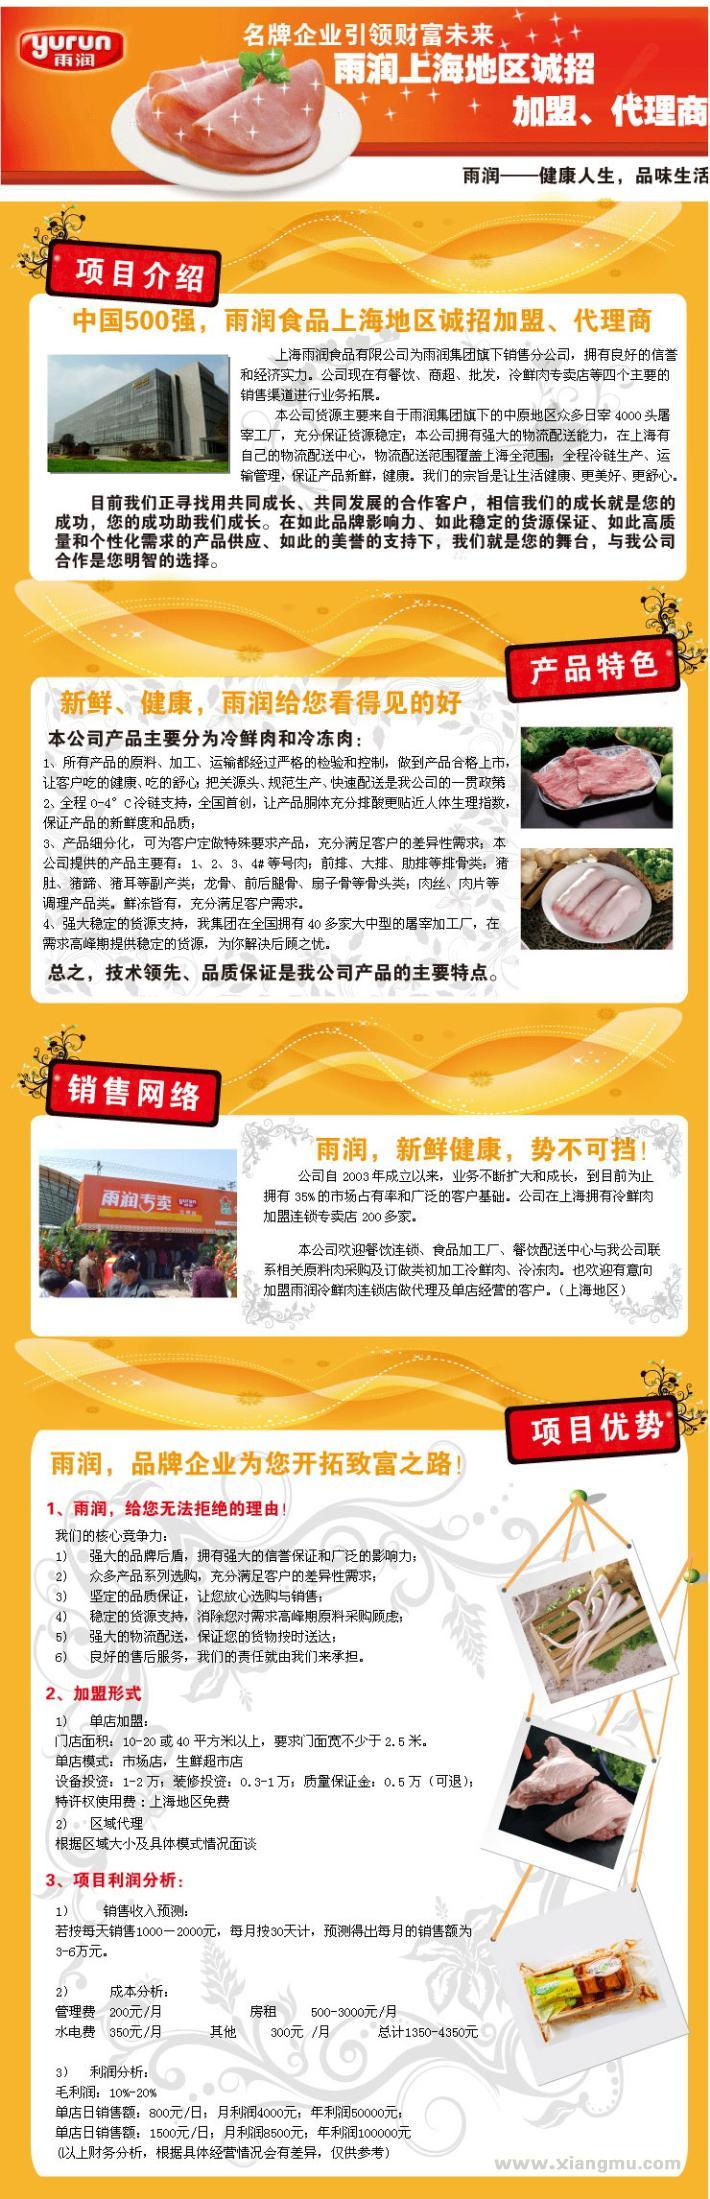 中国肉食品龙头企业雨润食品诚招代理_1